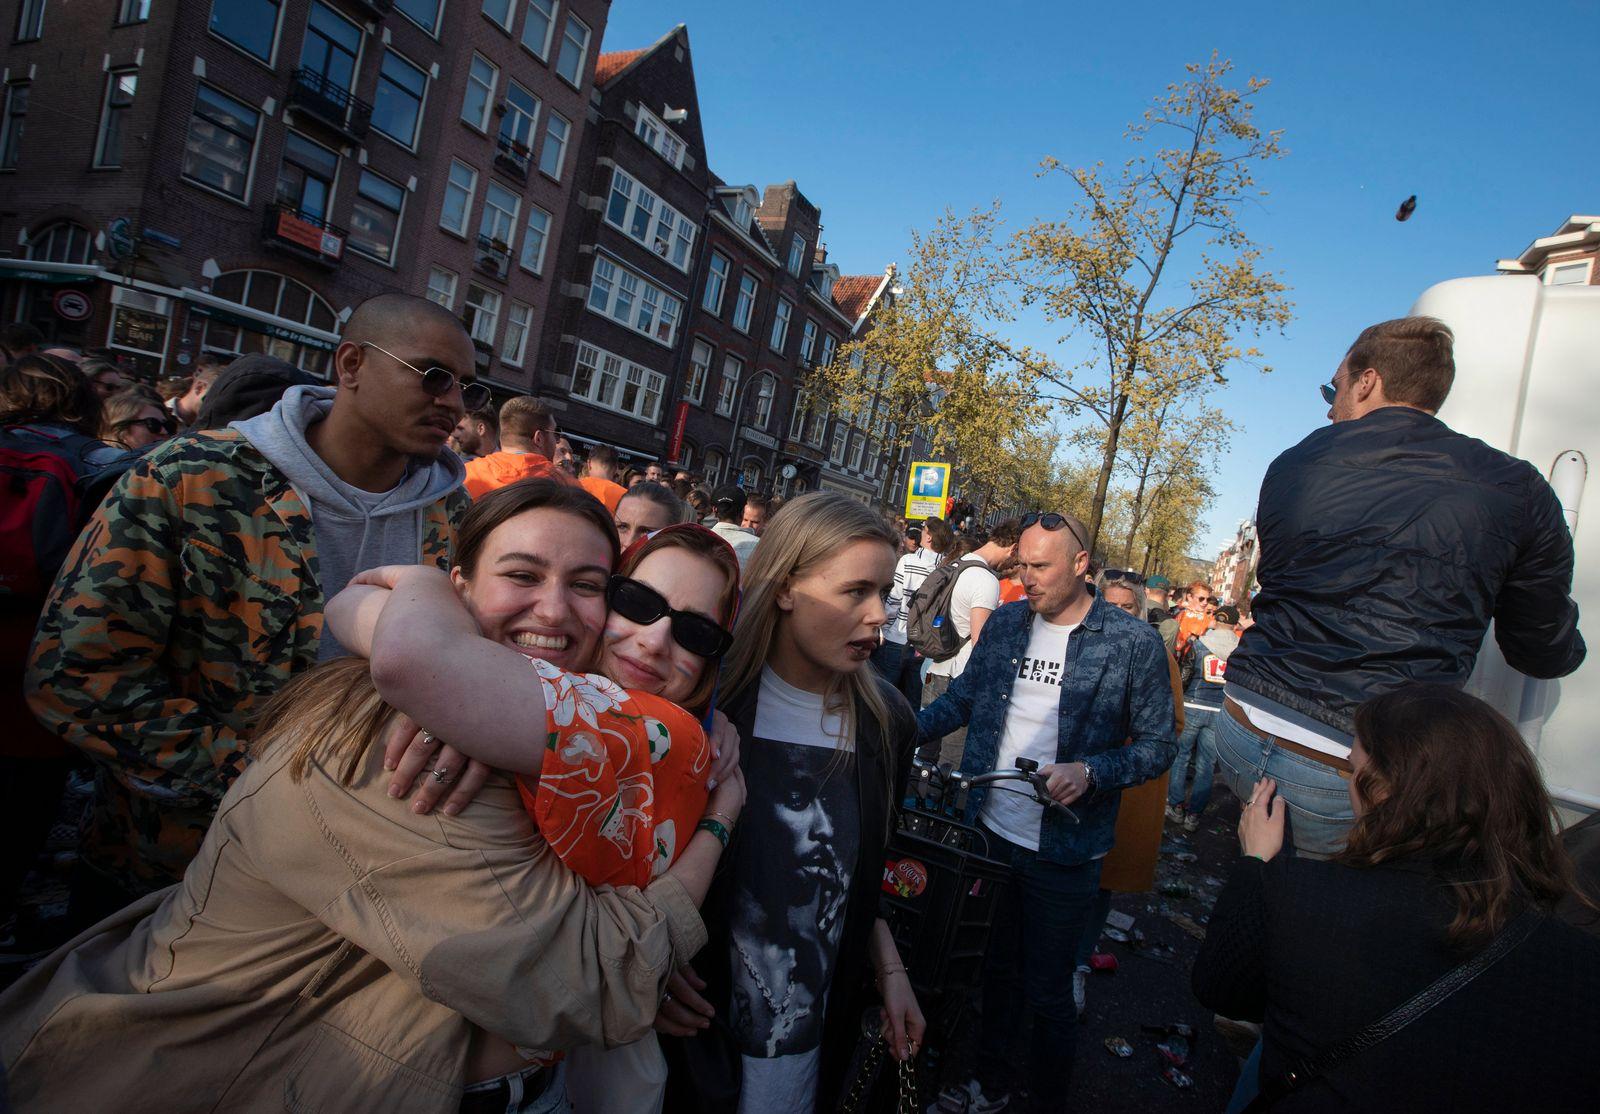 Virus Outbreak Netherlands King's Day